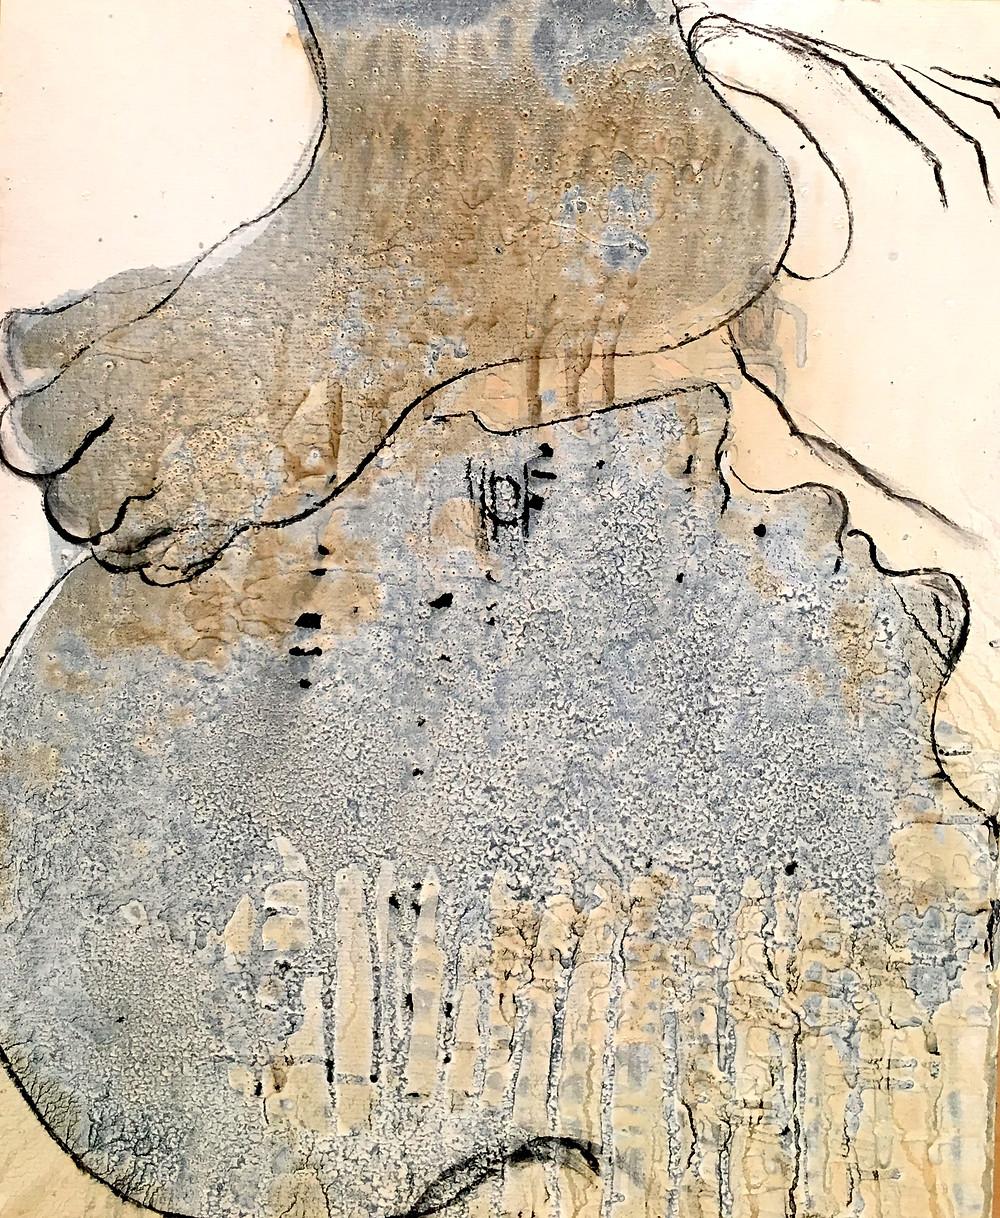 30 x 40 cm. huile et goudron sur papier. 2017.